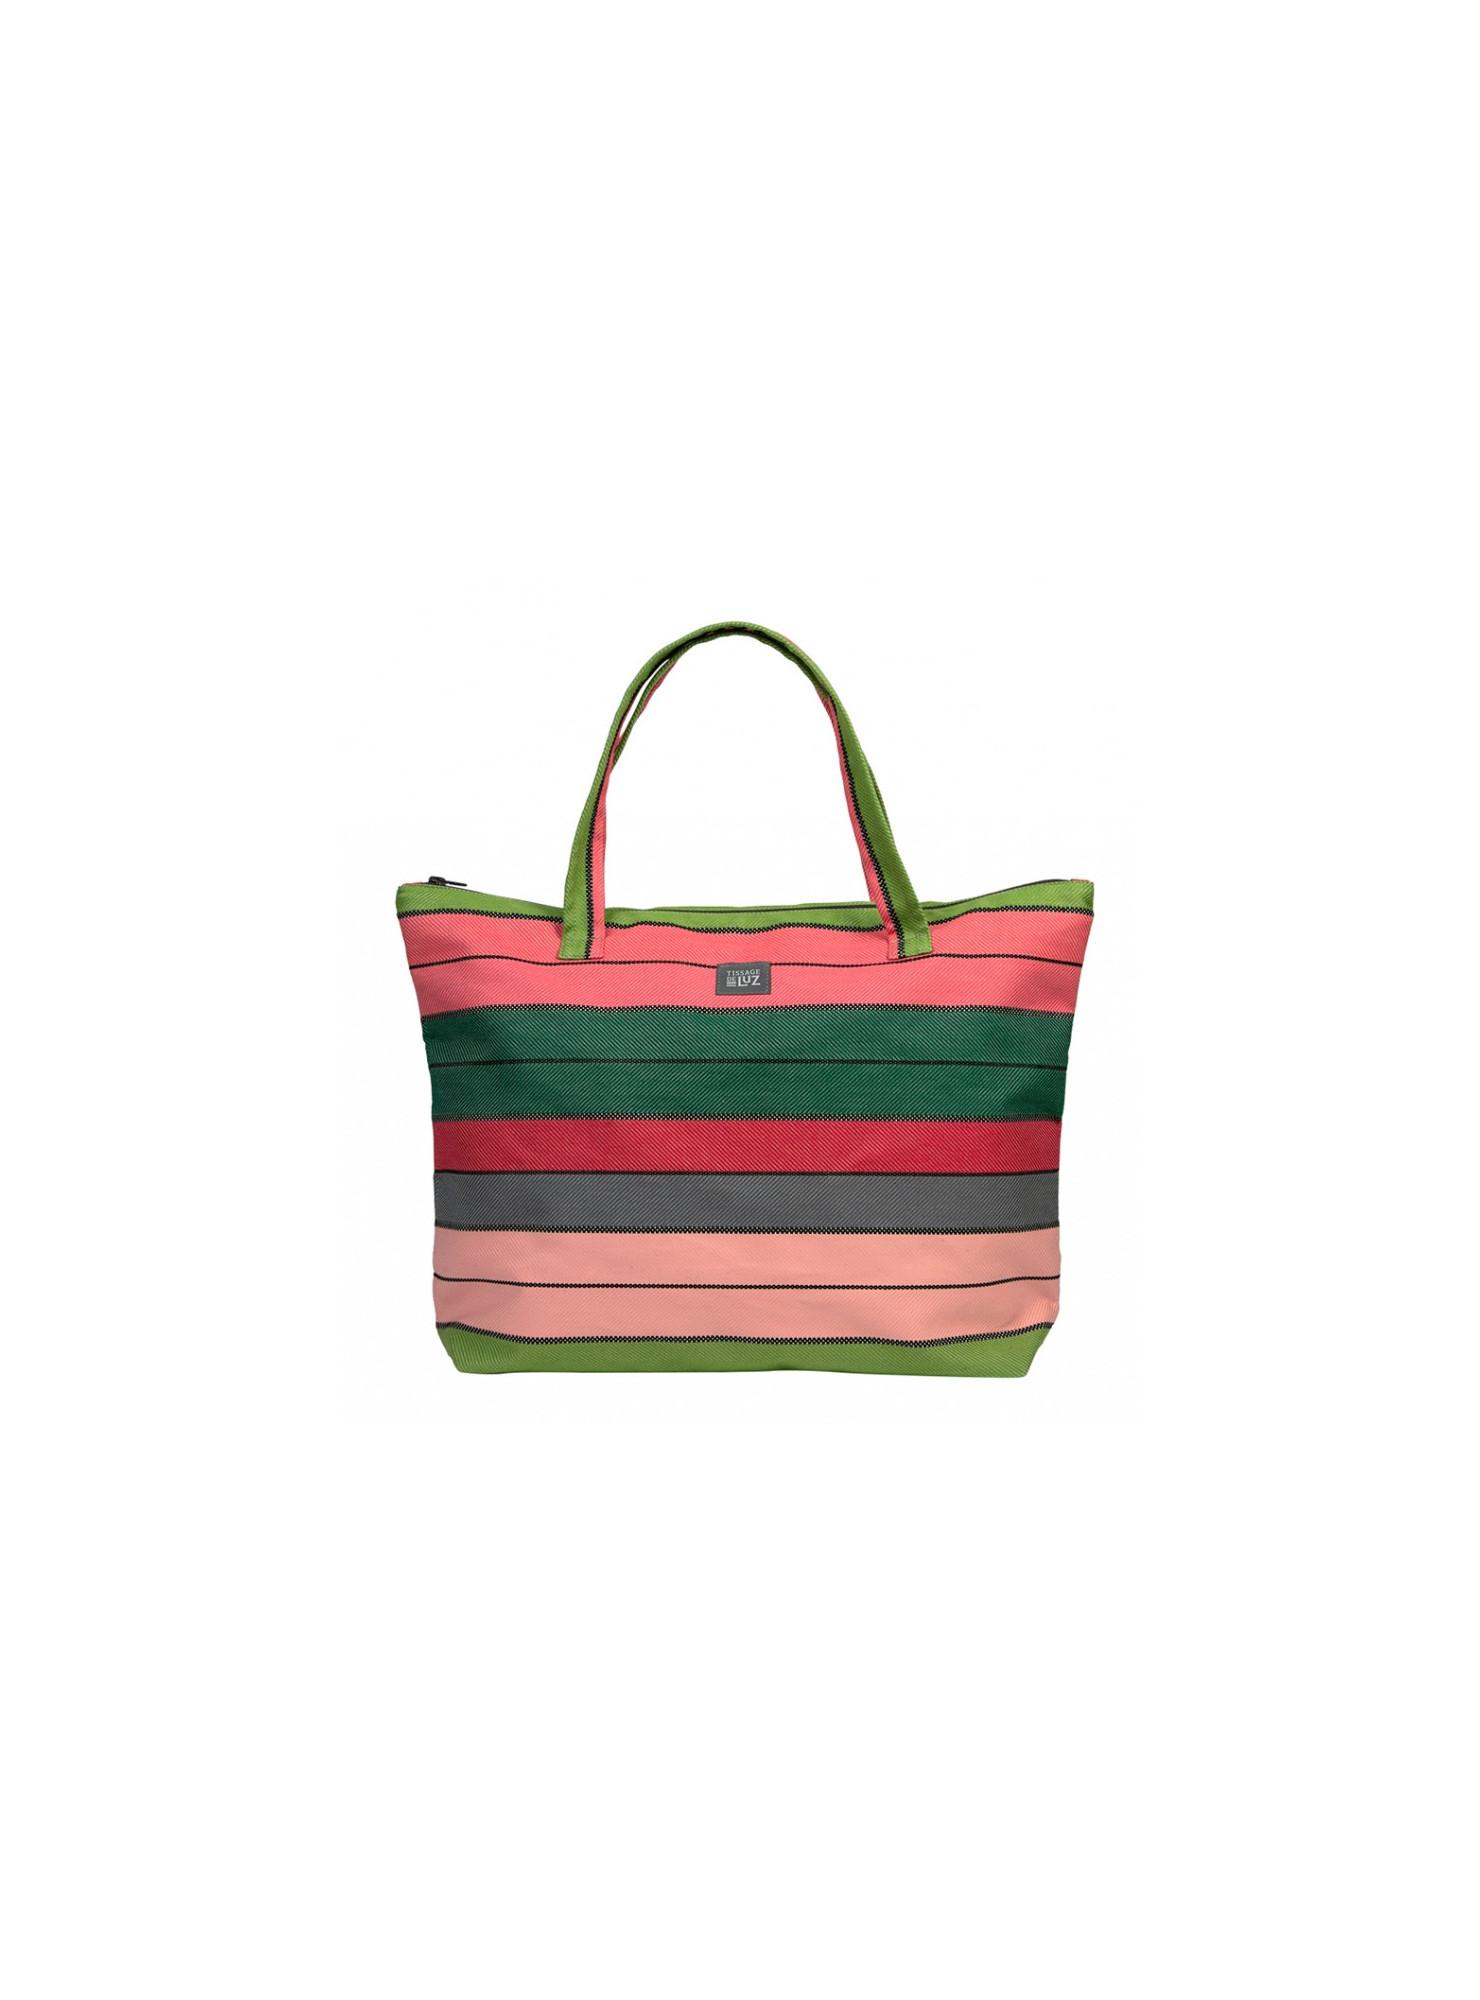 Juliette Eugénie Rose/Vert sac cabas en tissu basque